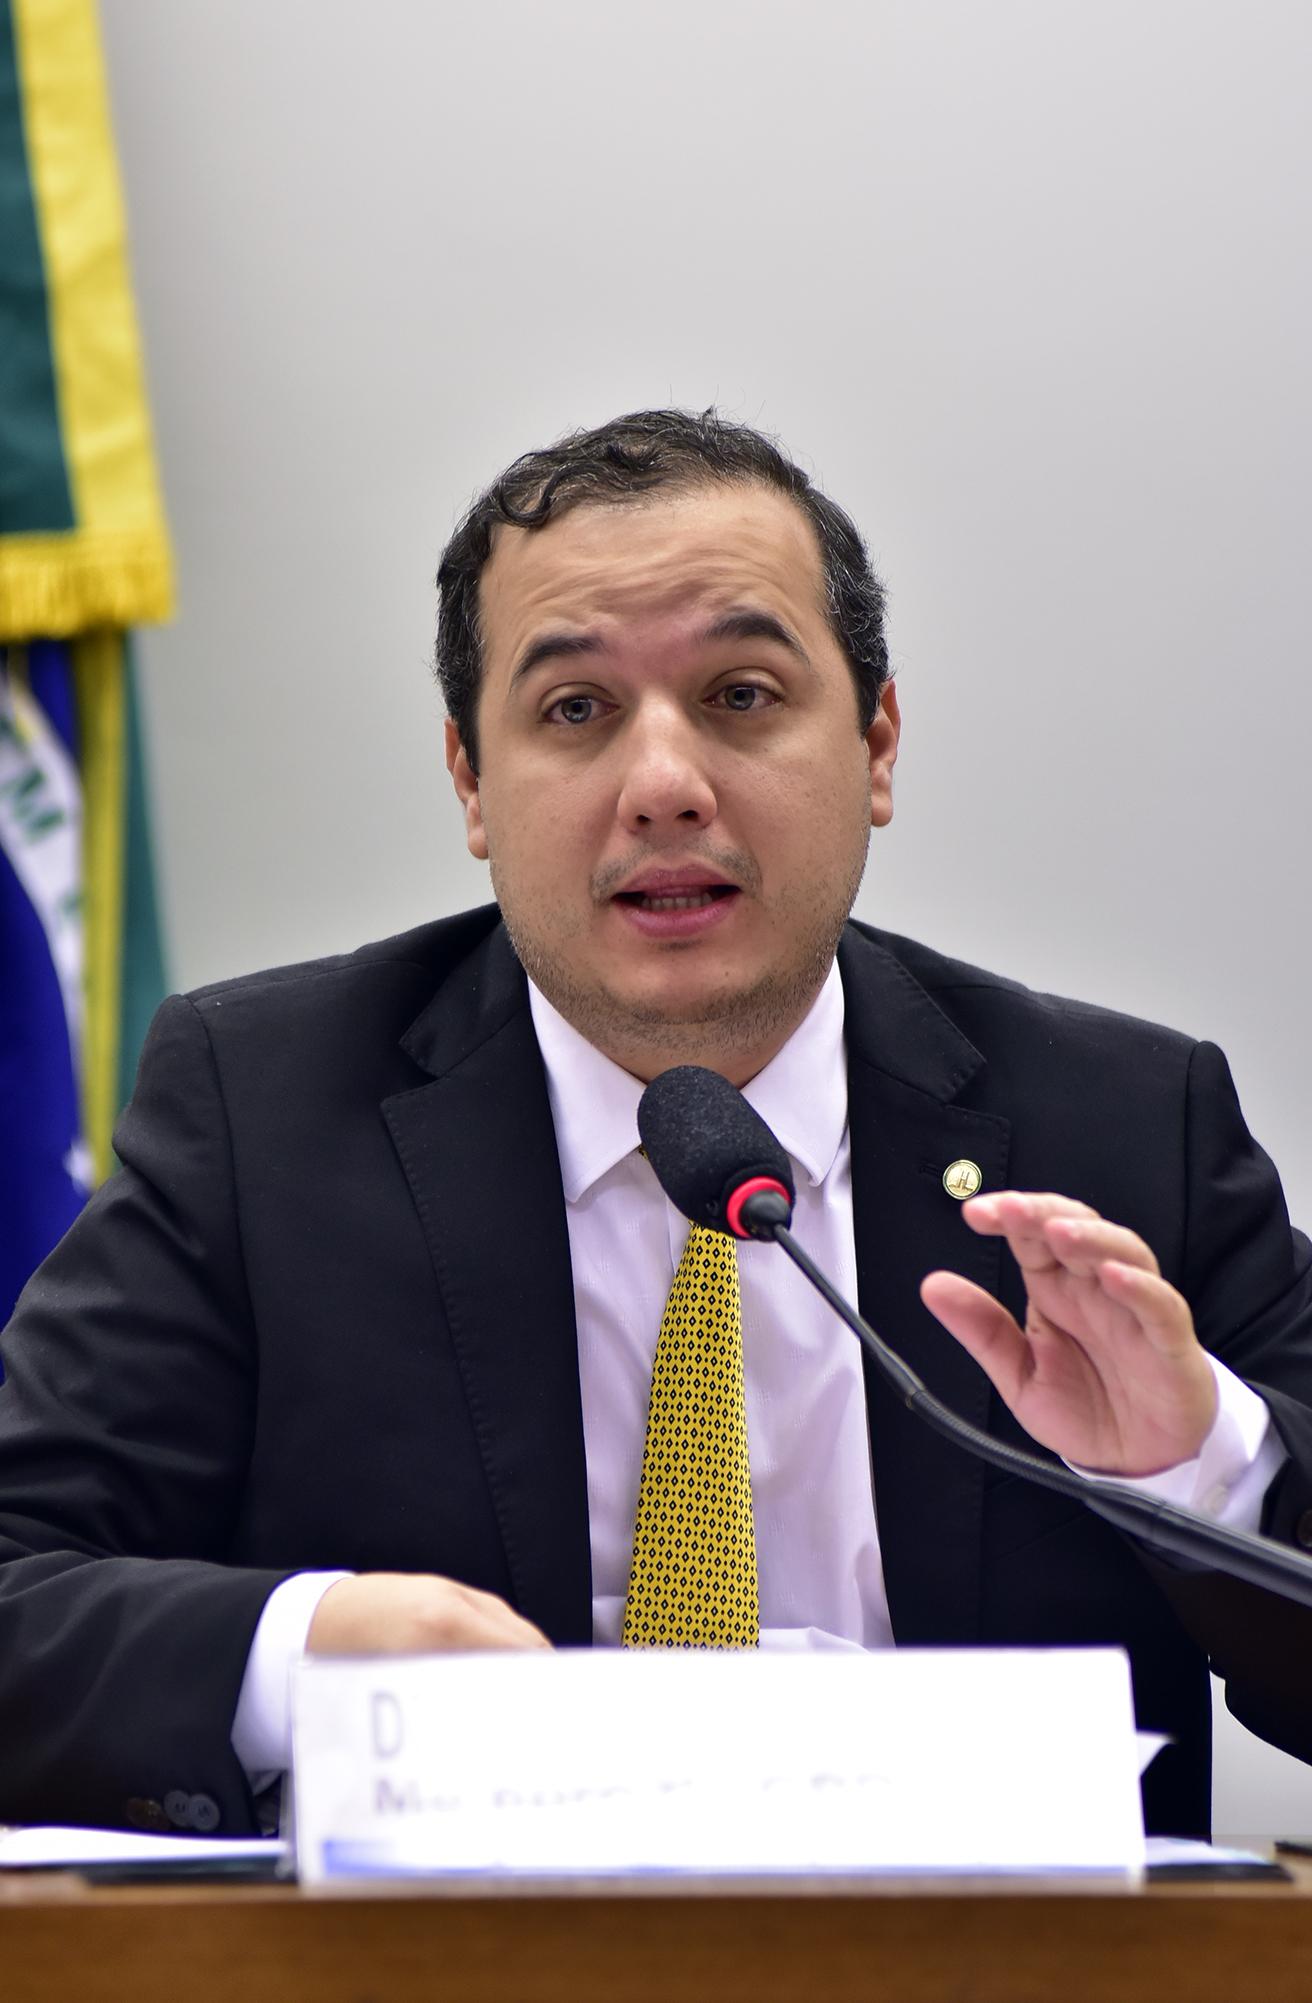 Audiência pública sobre a acessibilidade das pessoas com deficiência nas obras públicas no Brasil. Dep. Valadares Filho (PSB-SE)